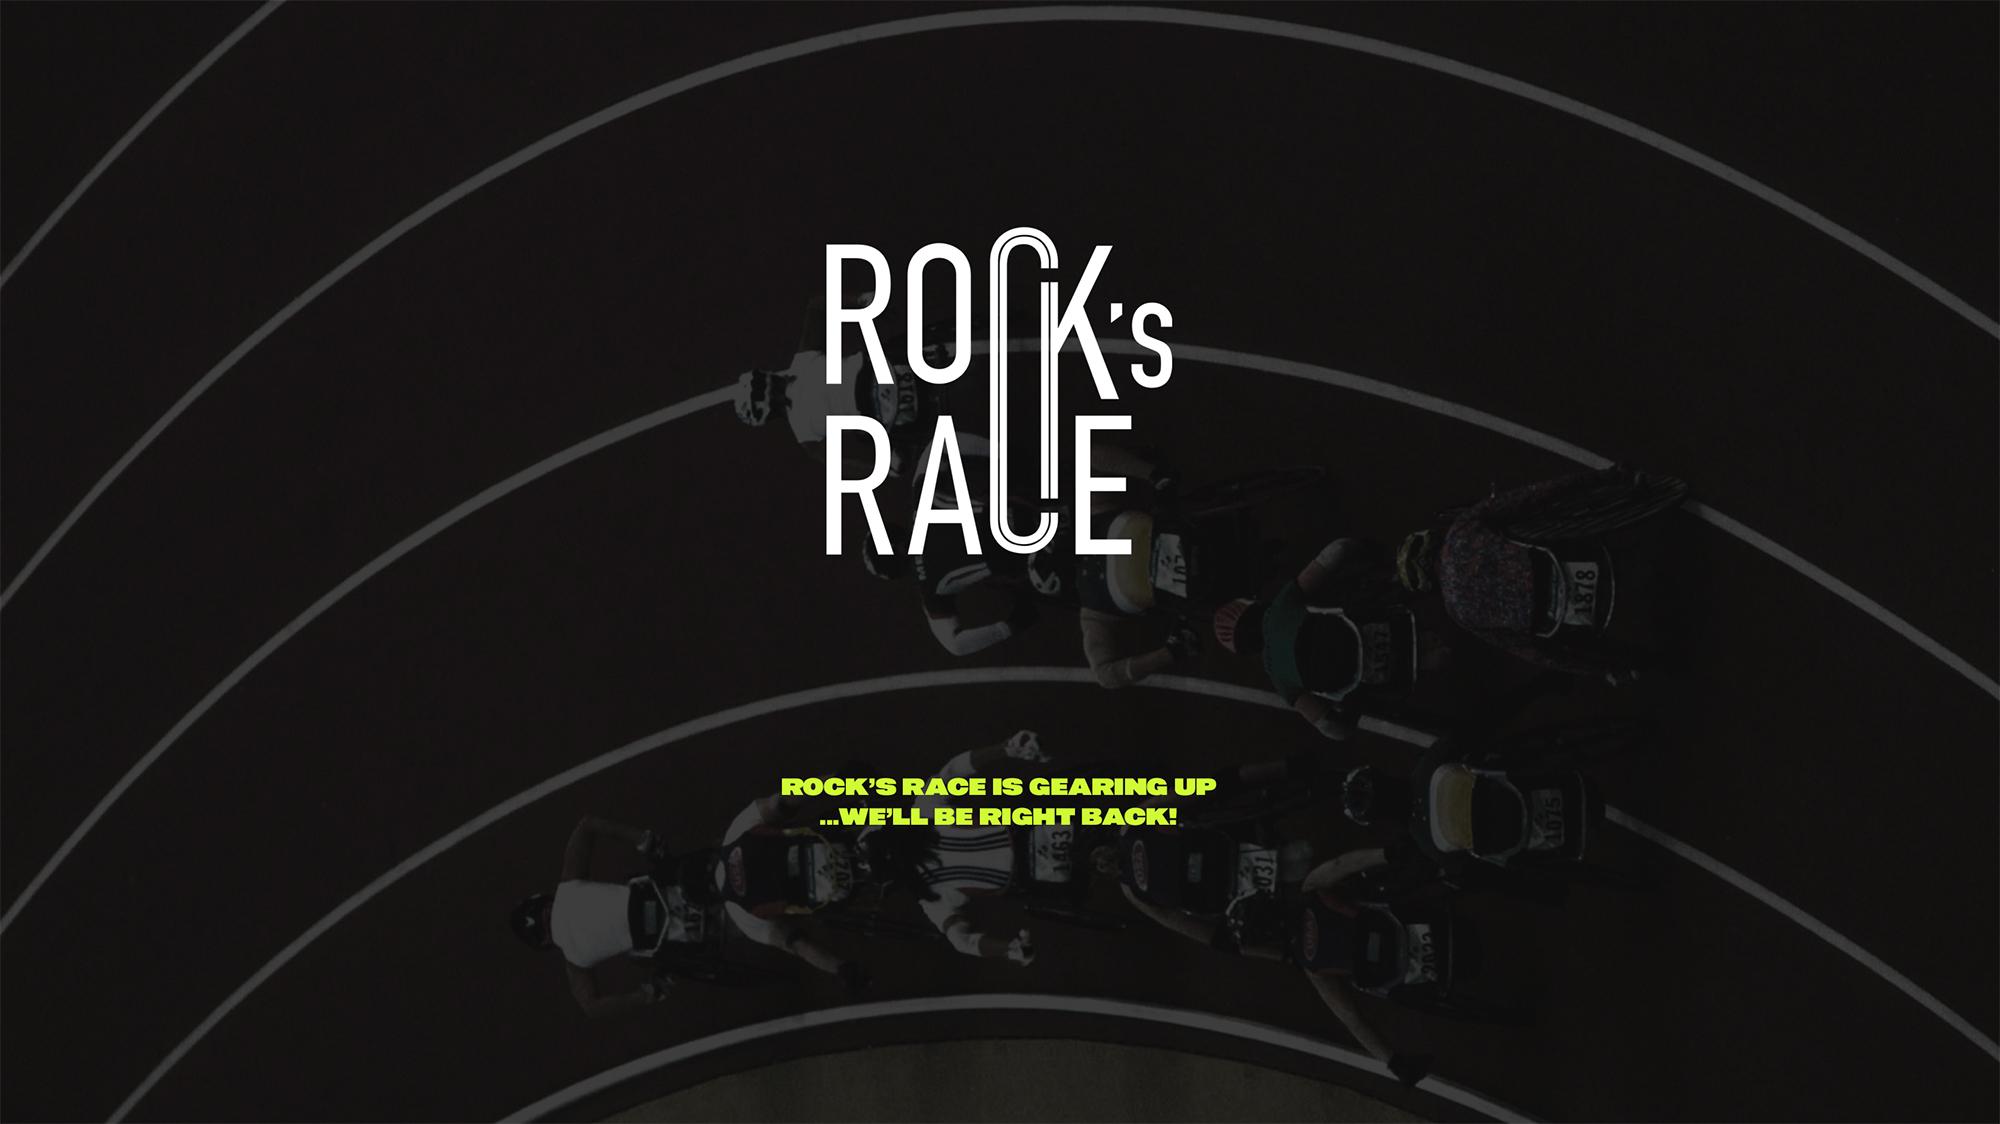 rocksrace